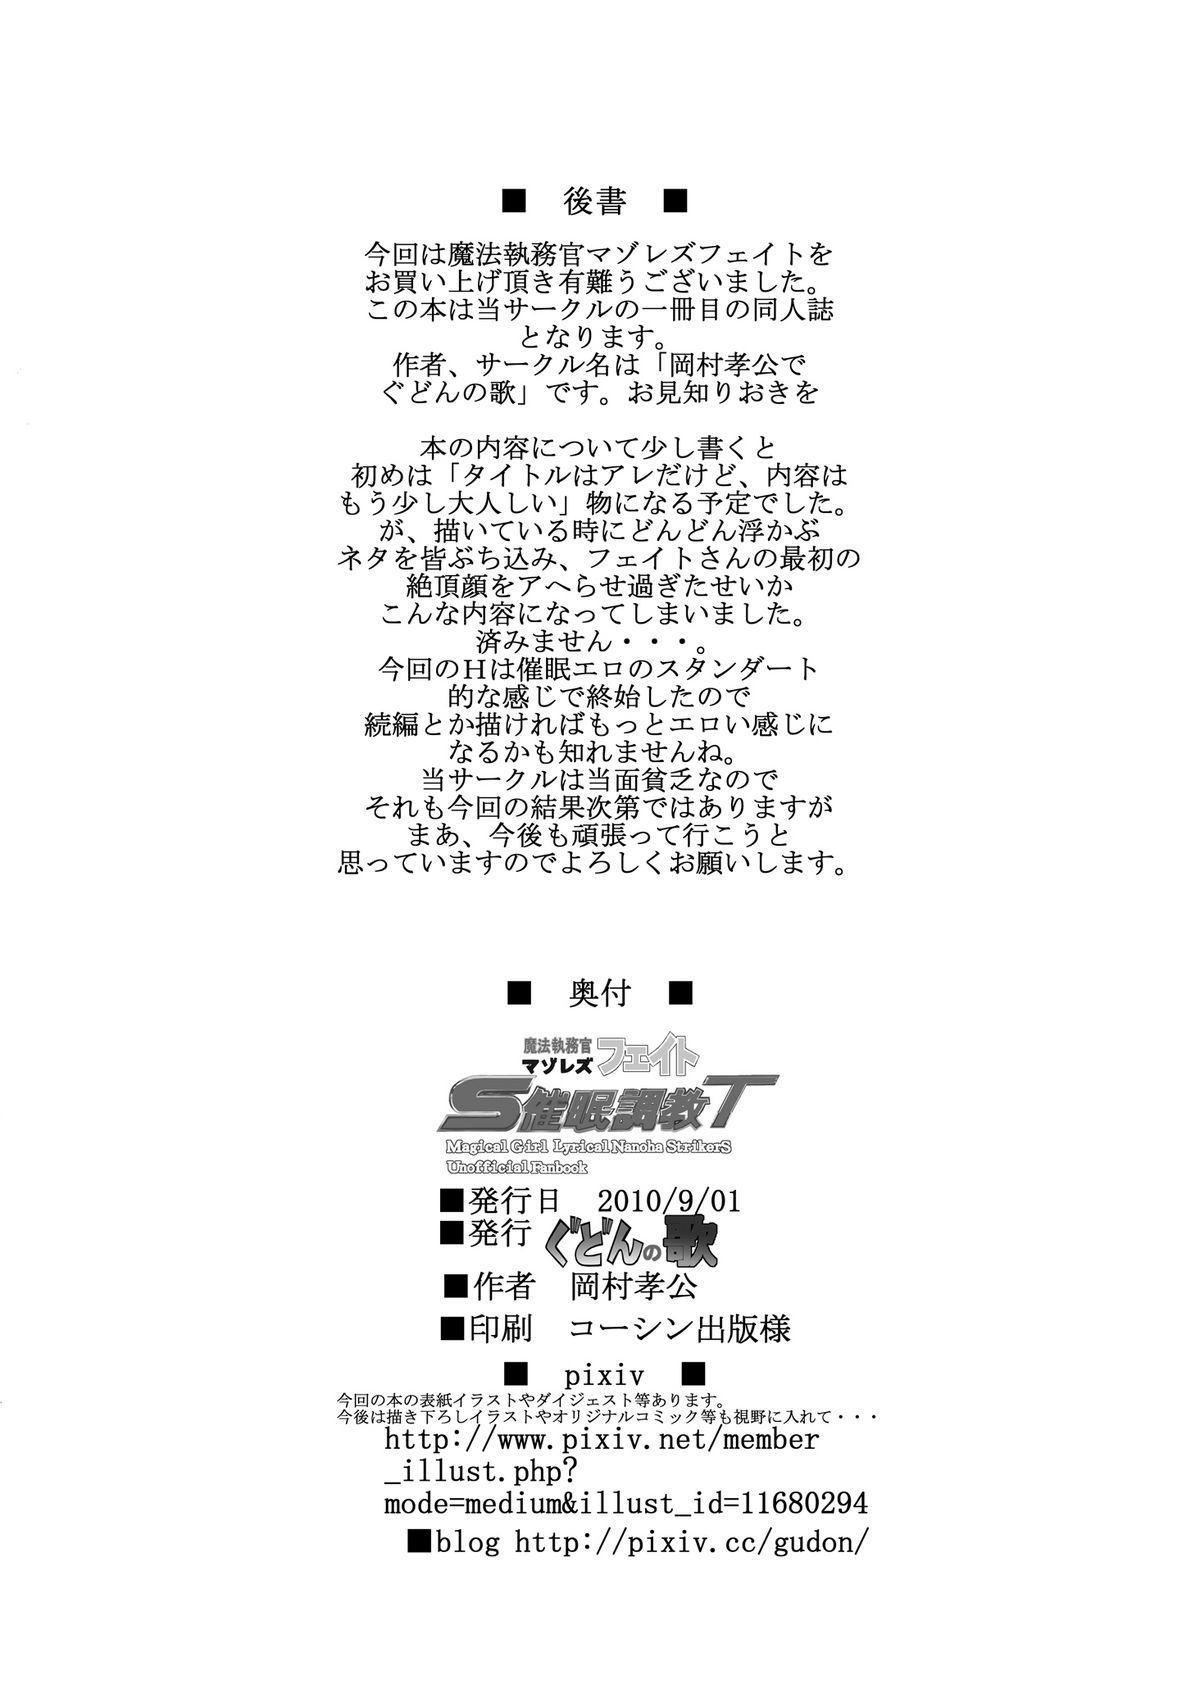 Mahou Shitsumukan Mazorezu Fate Saimin Choukyou 26